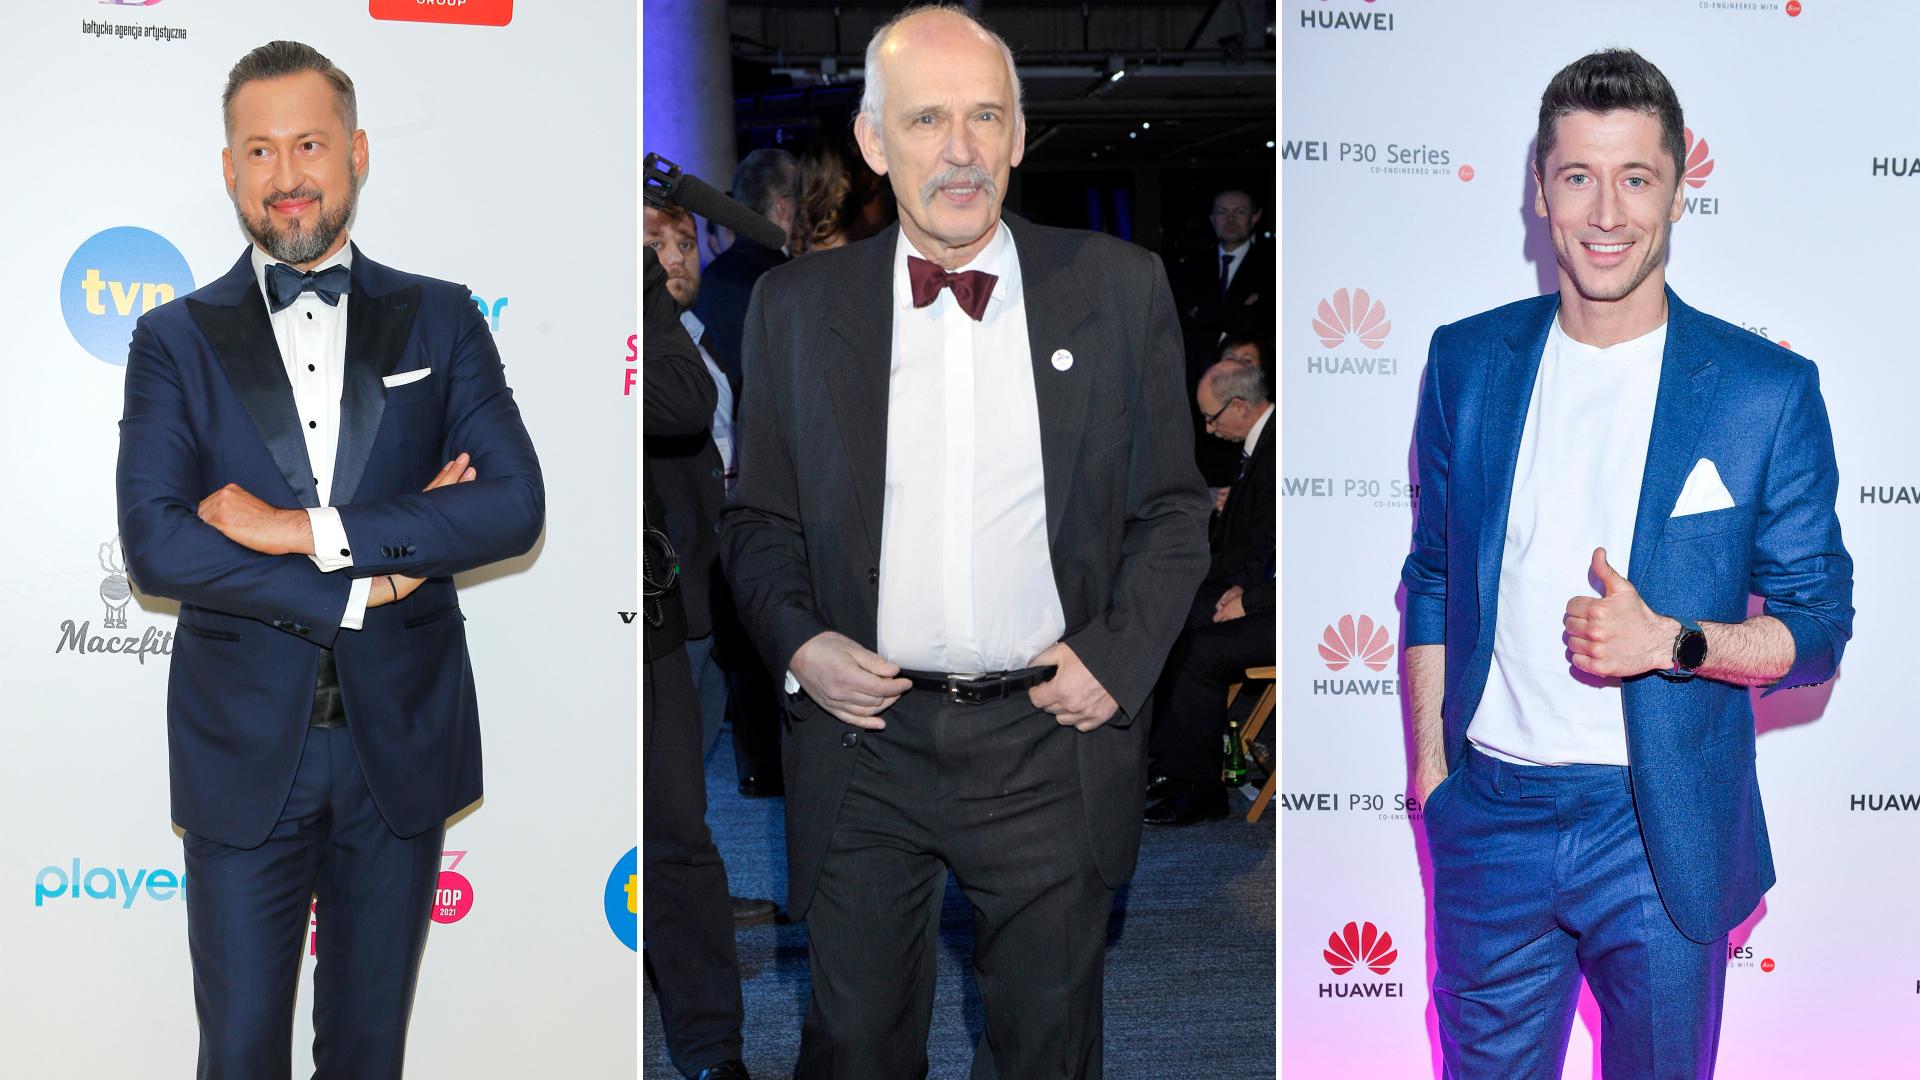 Ile wzrostu mają najwyżsi faceci polskiego show-biznesu?